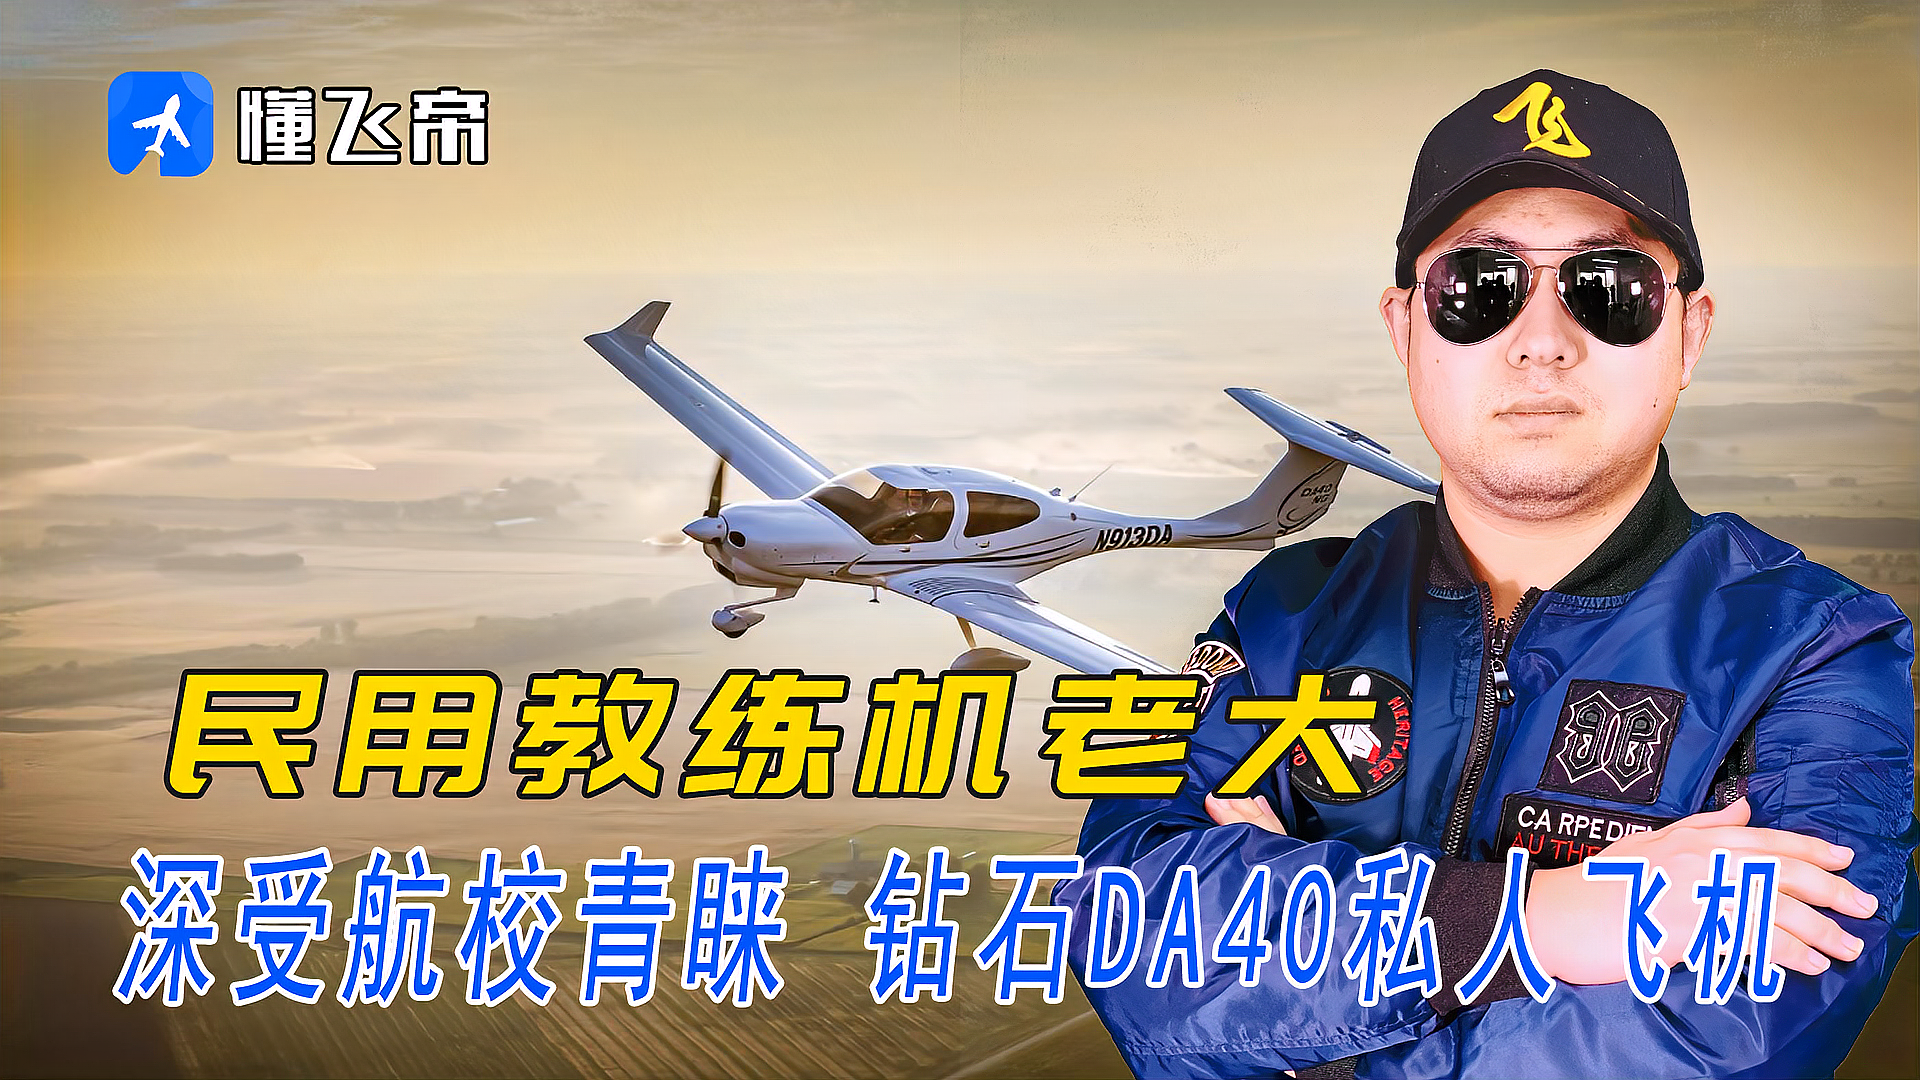 民用教练机老大,深受航校青睐,钻石DA40私人飞机